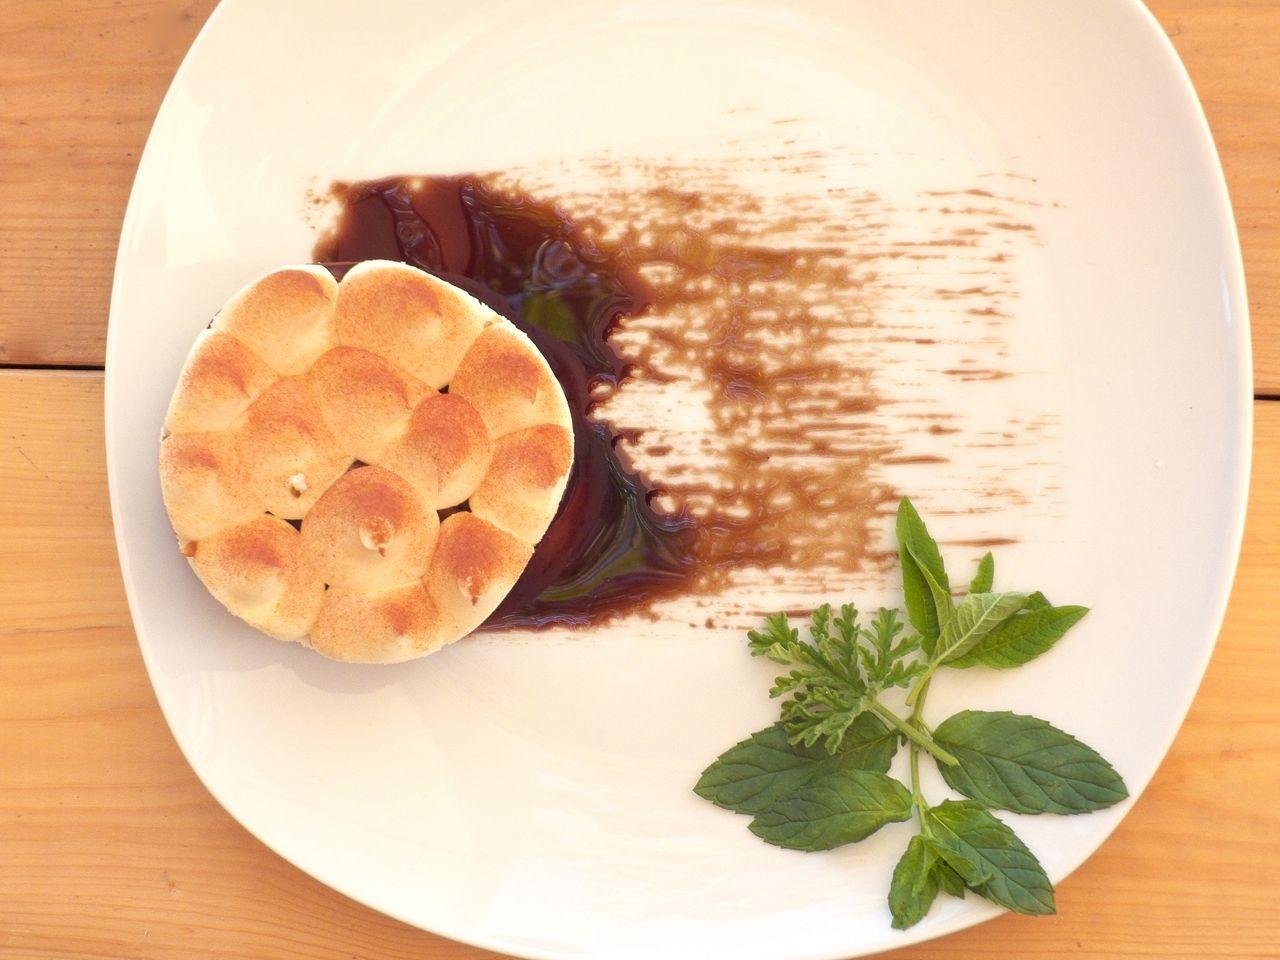 דודיס בר קישים ועוגות